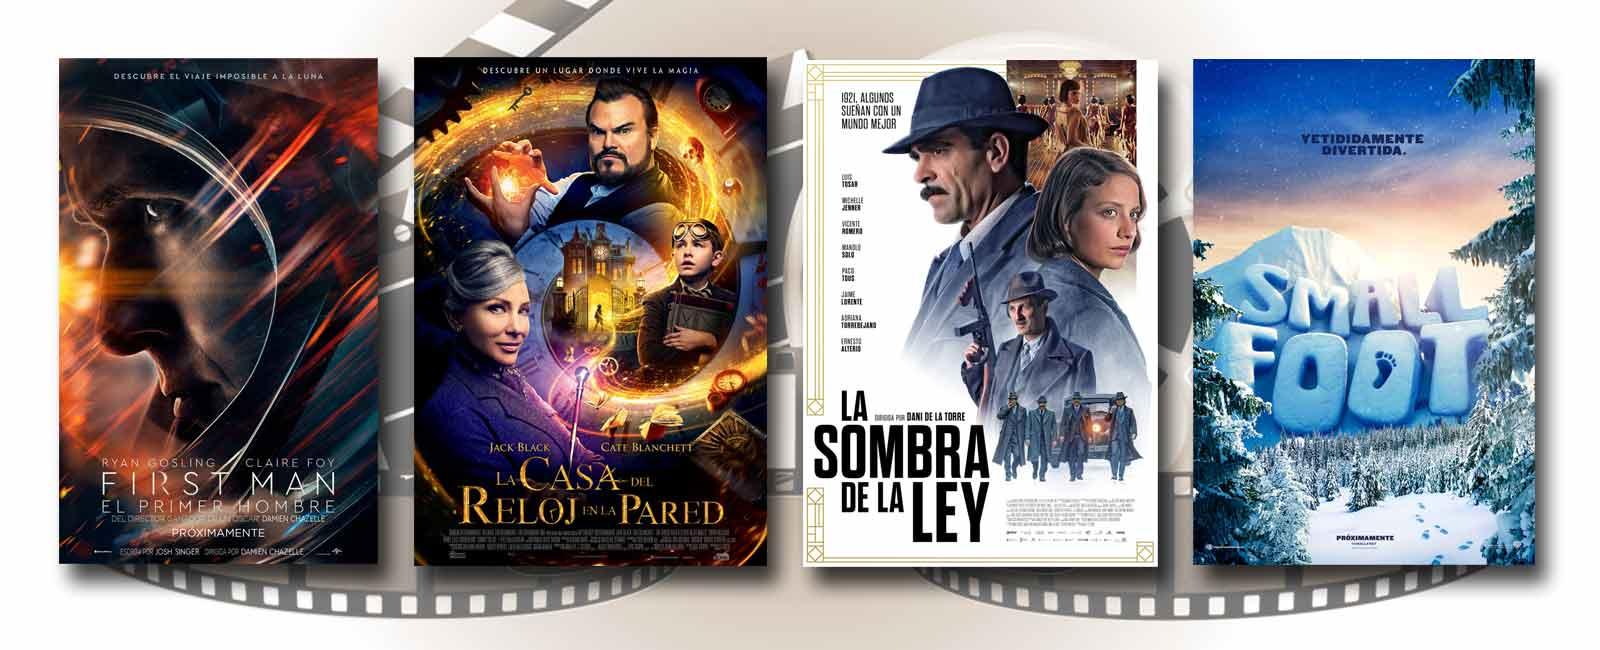 Estrenos de Cine de la Semana… 12 de Octubre 2018